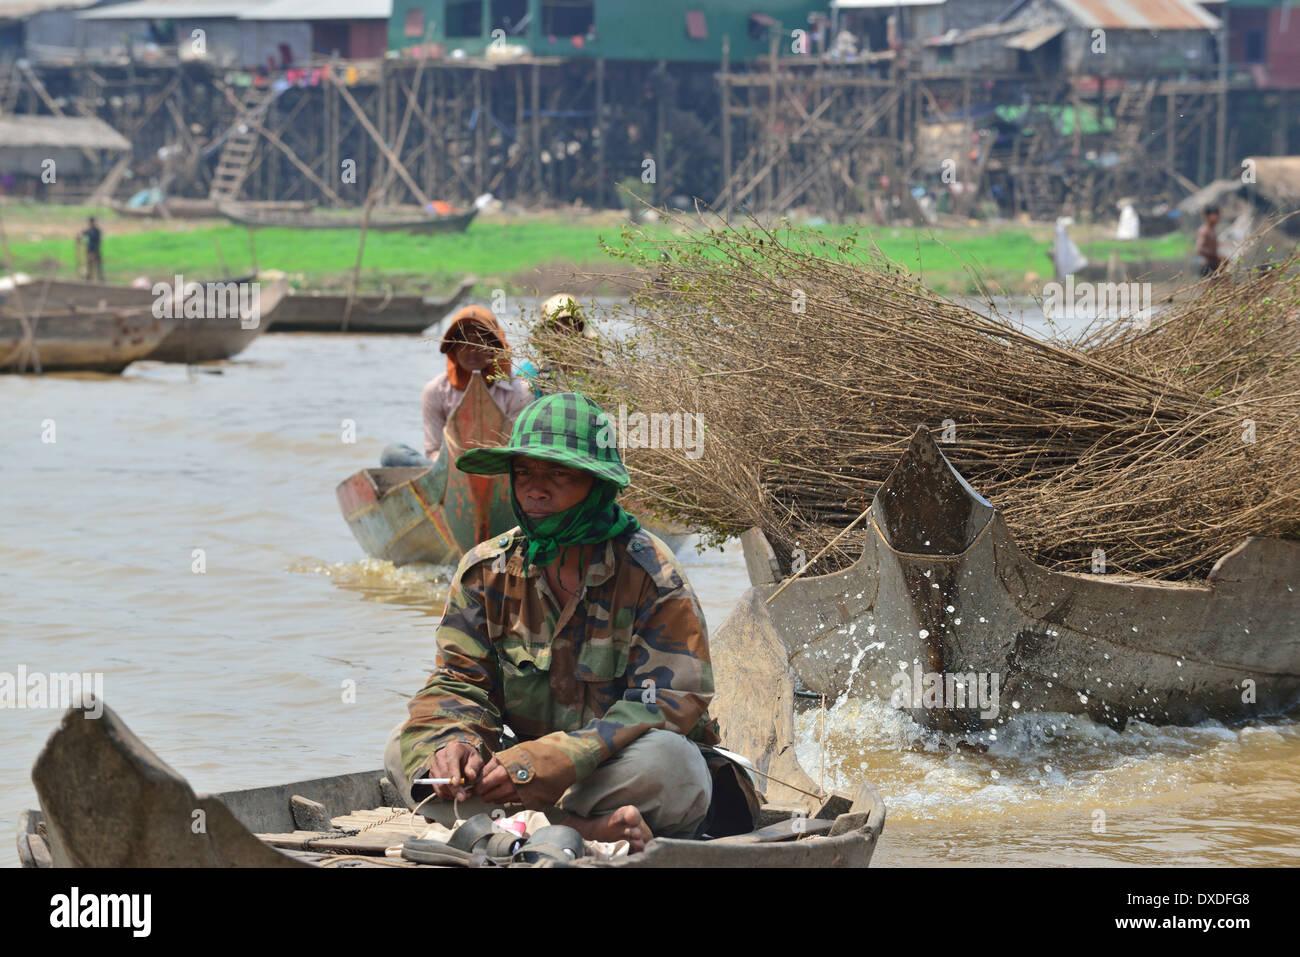 Le barche sono gli unici mezzi di trasporto in questa regione. Pettini per la copertura che viene trainato sul fiume in motoscafo. Villaggio intorno al lago Tonle Sap, Cambogia Immagini Stock